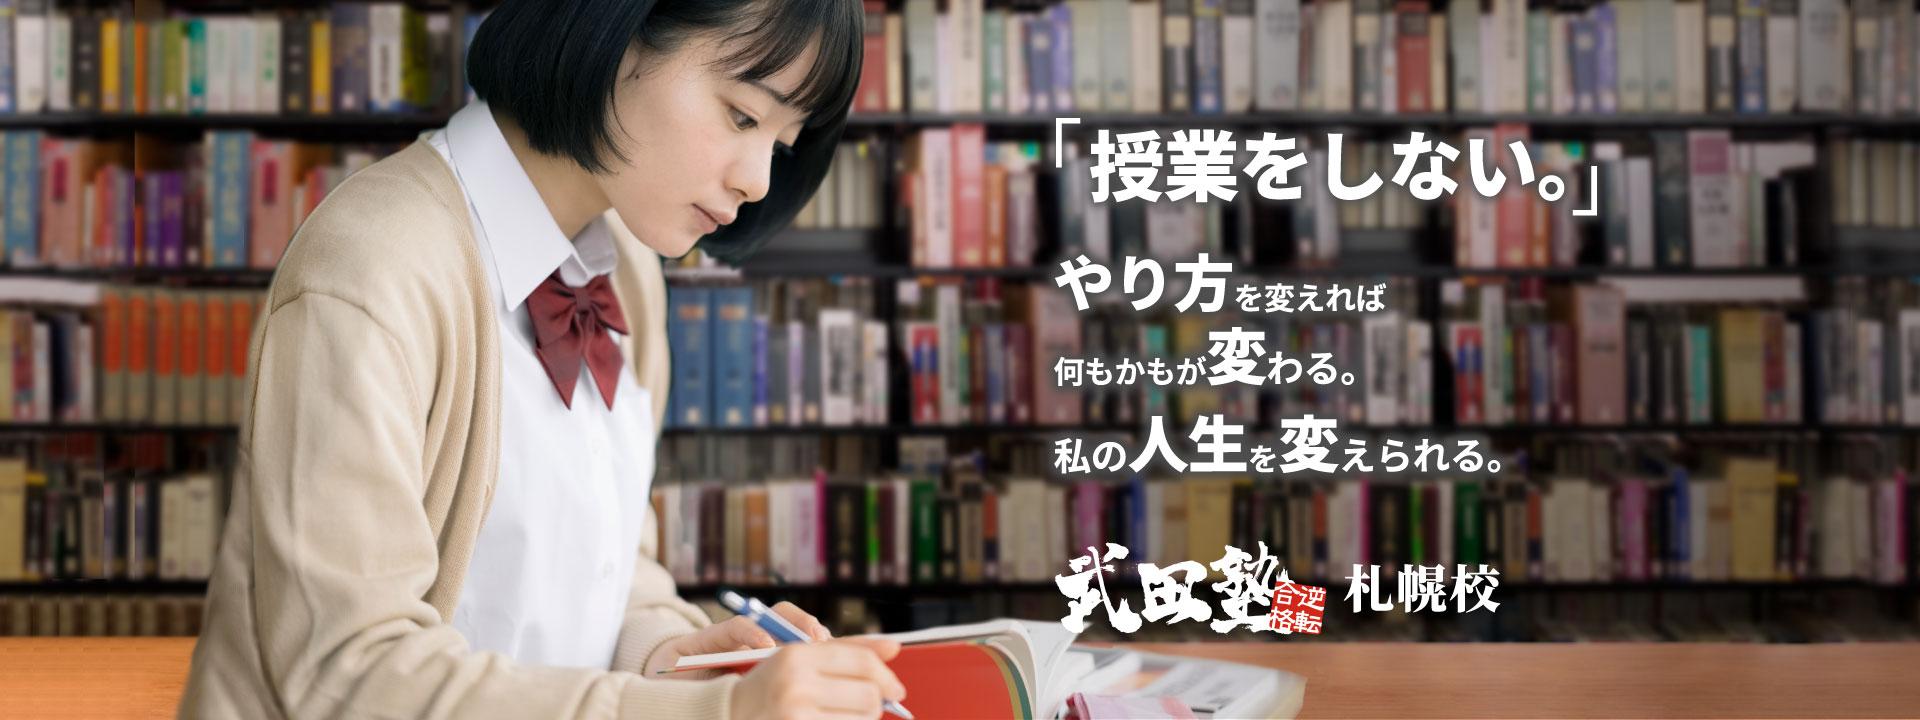 日本初!授業をしない逆転合格専門武田塾札幌校